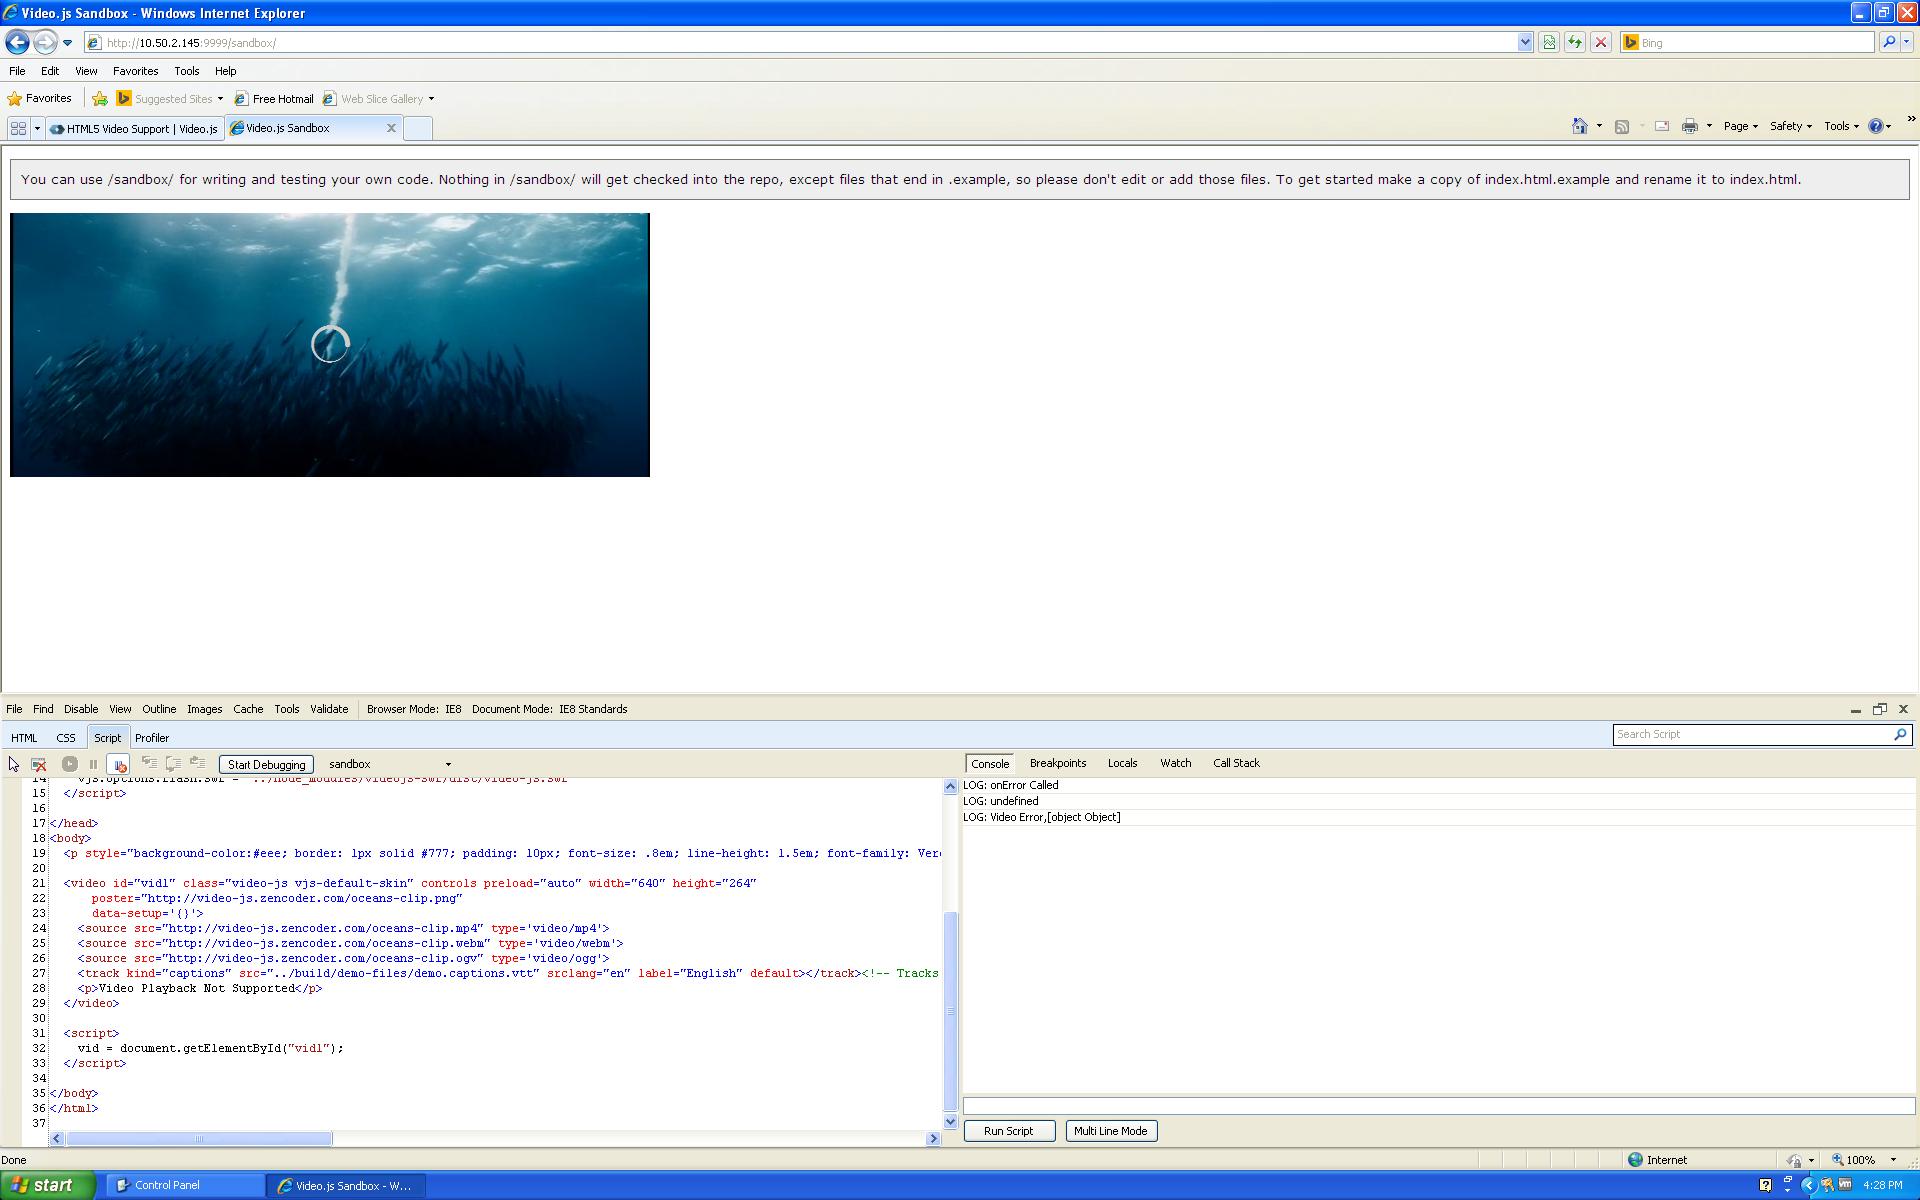 screen shot 2014-05-06 at 4 28 29 pm